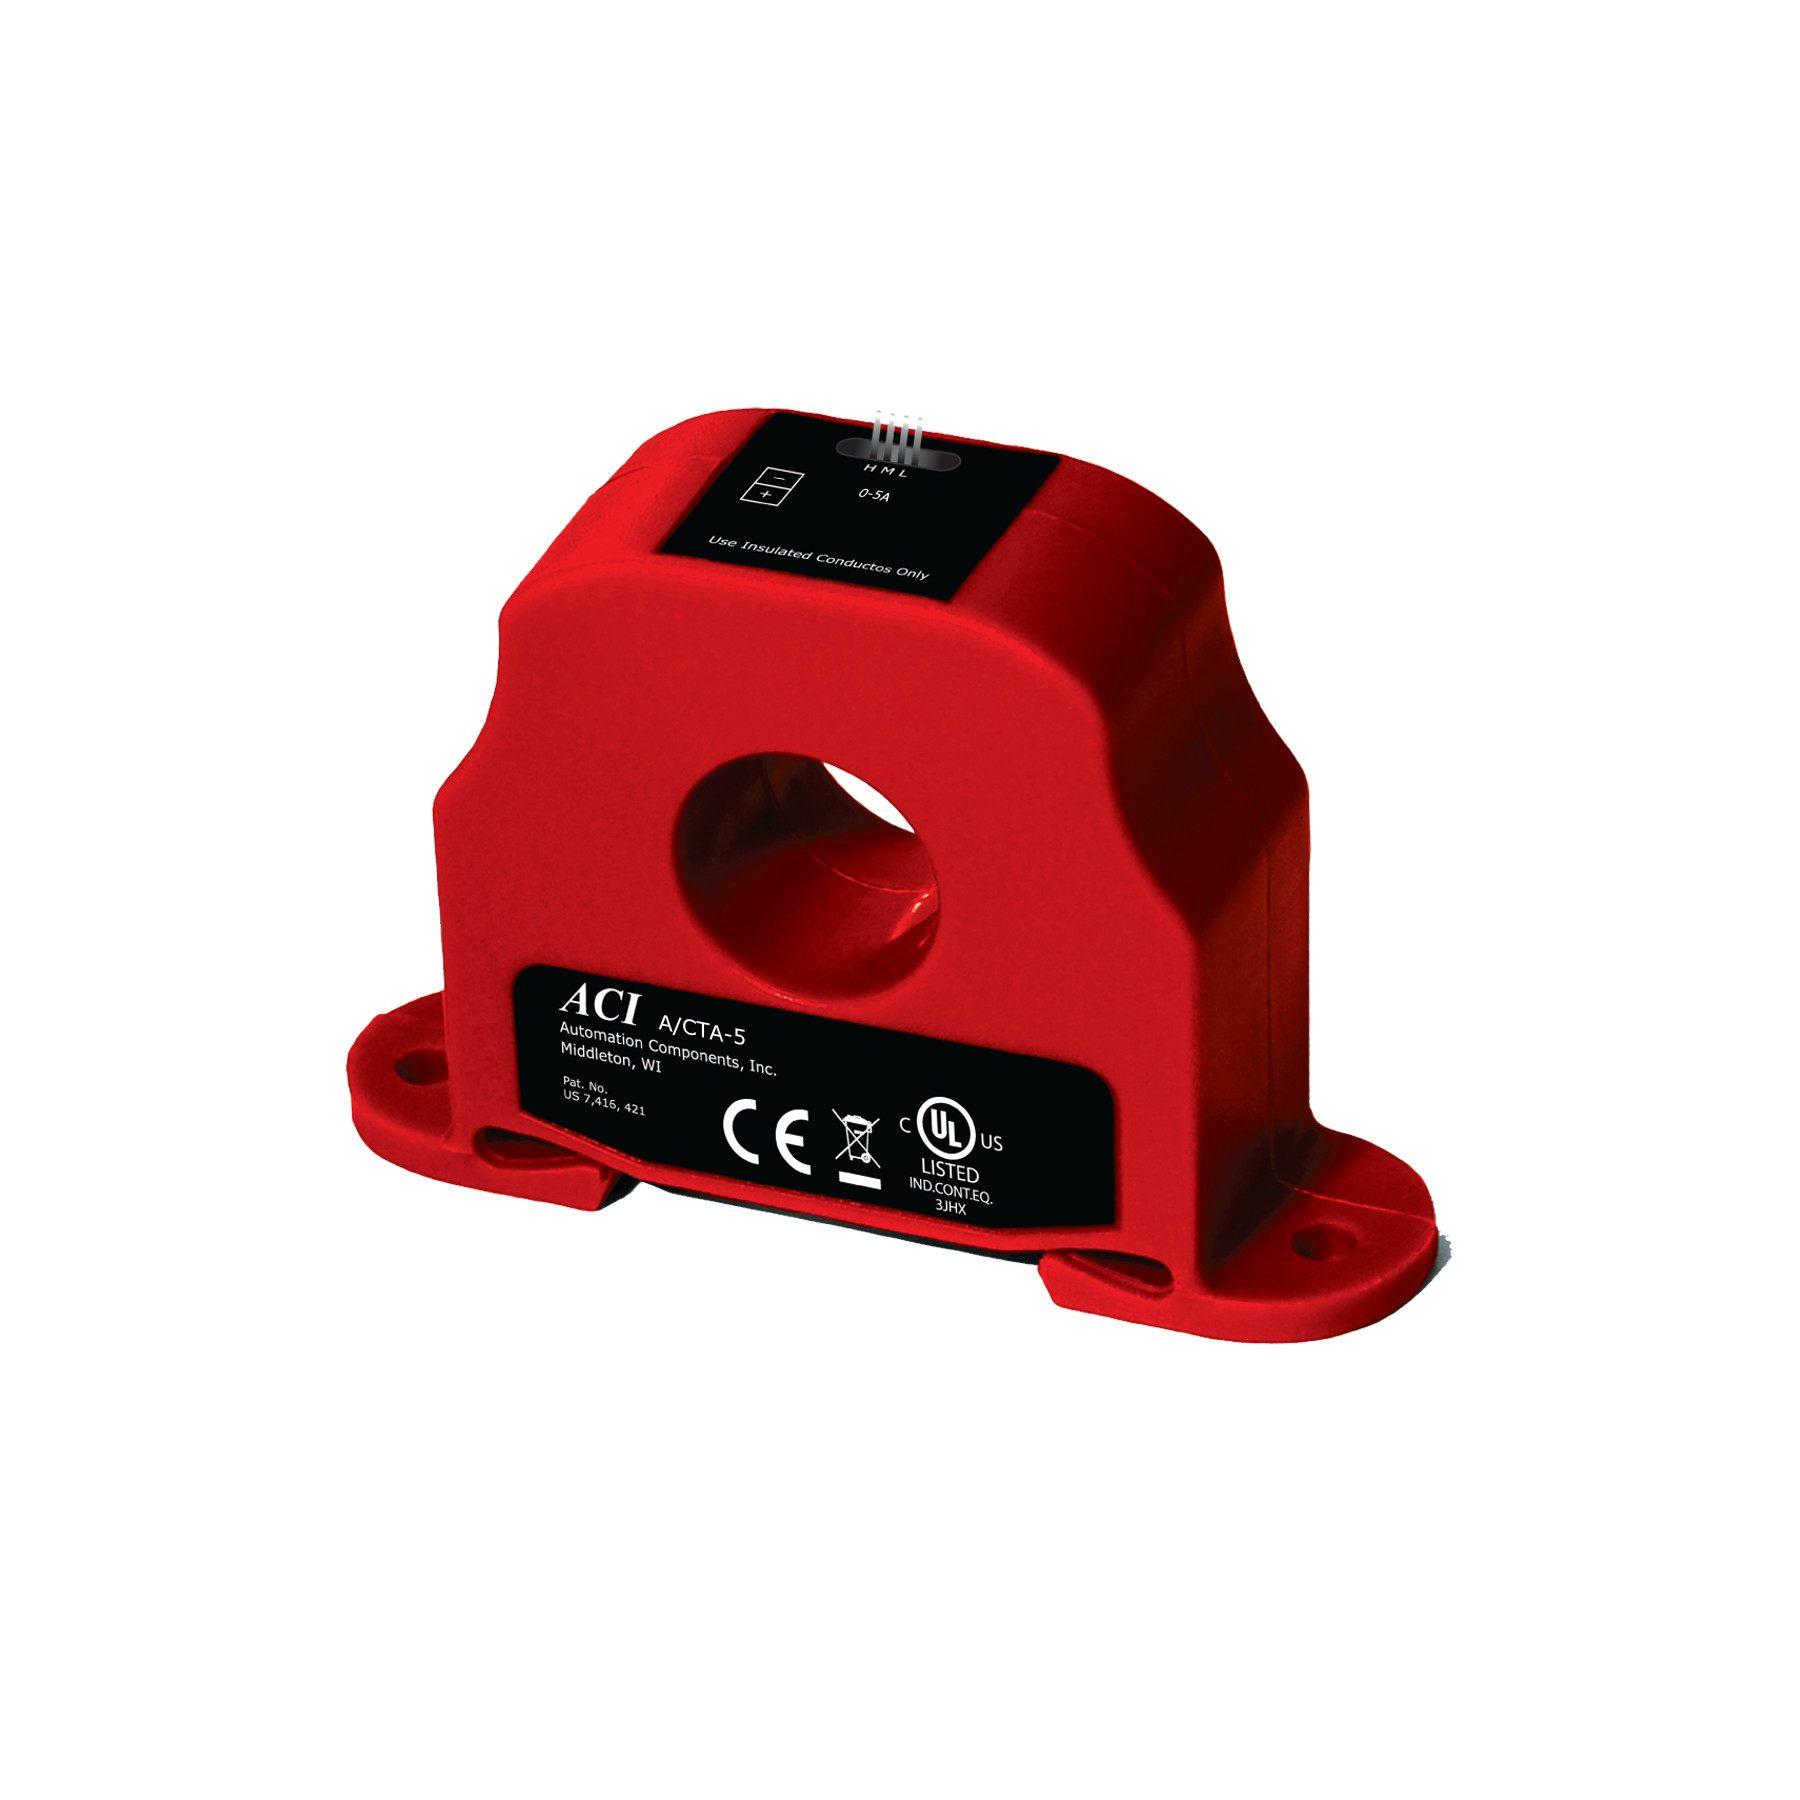 ACI A/CTA Series A/CTA-5-VFD Current Sensor